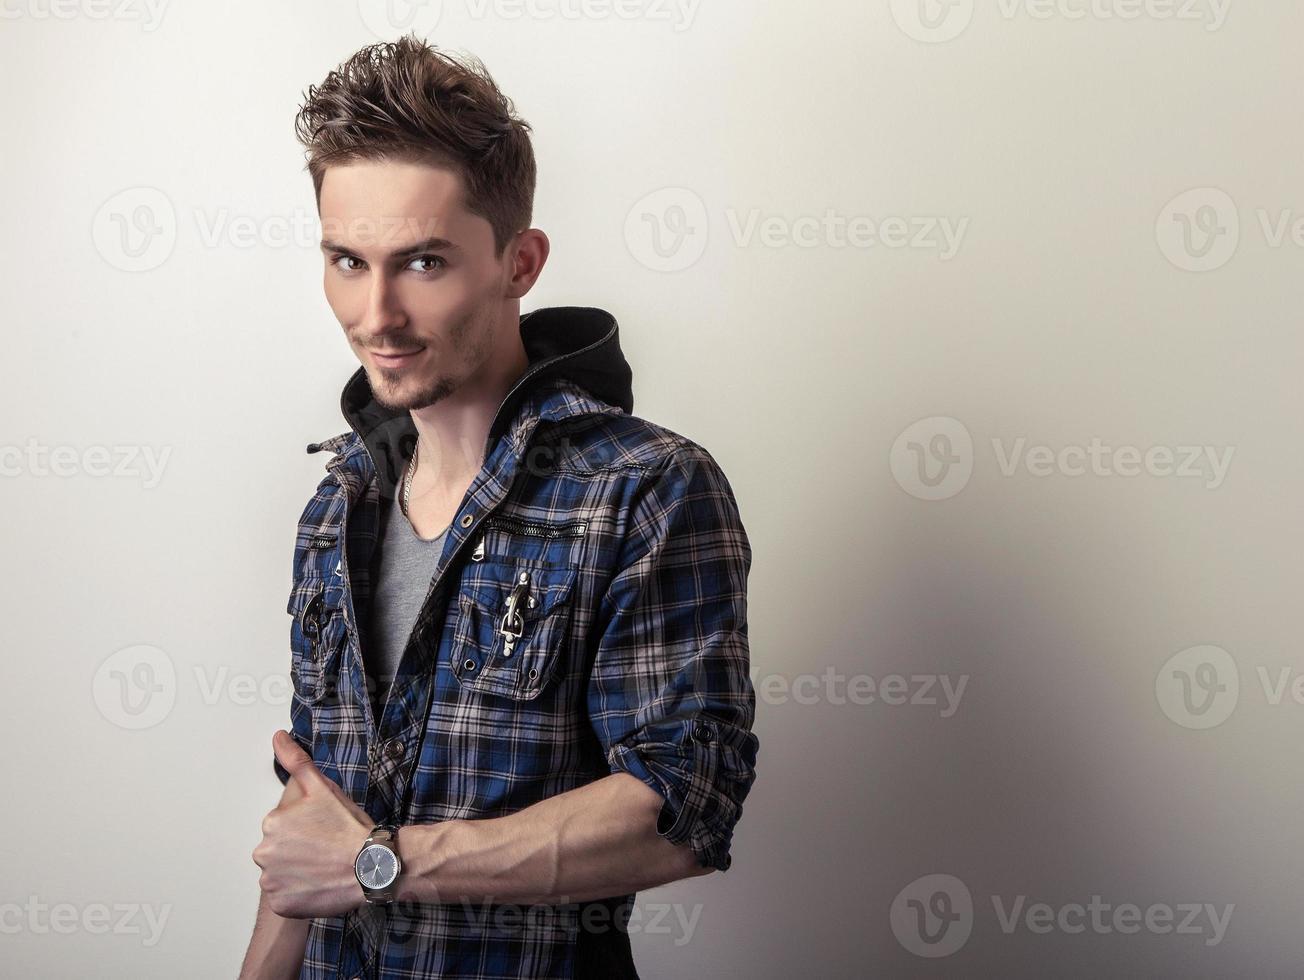 Mann in stilvoller dunkelblauer Jacke. foto